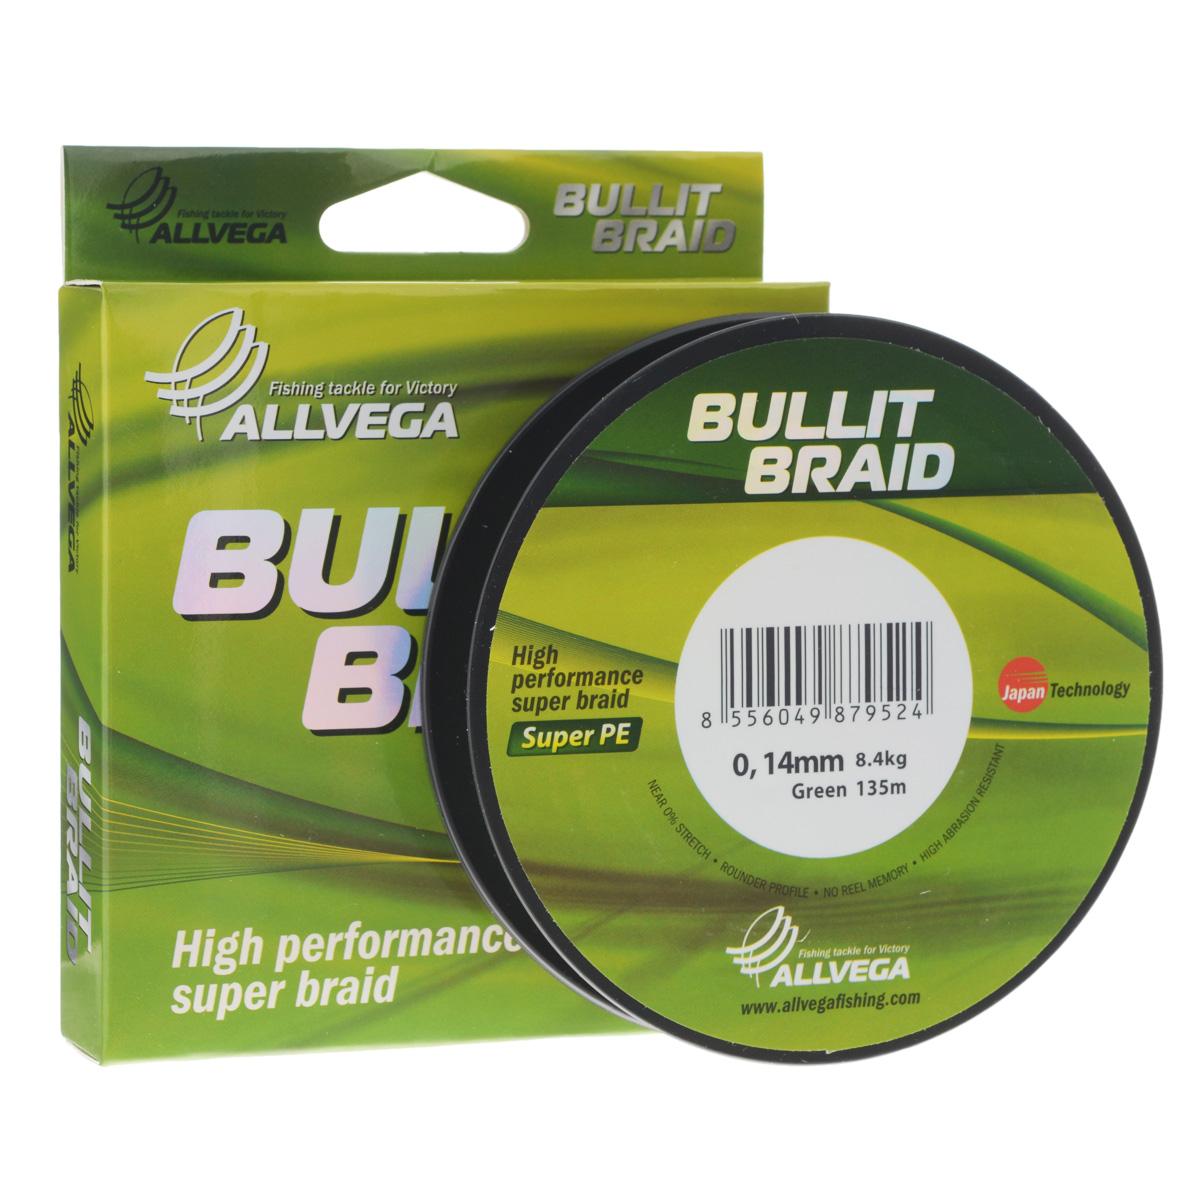 Леска плетеная Allvega Bullit Braid, цвет: темно-зеленый, 135 м, 0,14 мм, 8,4 кг61176Леска Allvega Bullit Braid с гладкой поверхностью и одинаковым сечением по всей длине обладает высокой износостойкостью. Благодаря микроволокнам полиэтилена (Super PE) леска имеет очень плотное плетение и не впитывает воду. Леску Allvega Bullit Braid можно применять в любых типах водоемов. Особенности:повышенная износостойкость;высокая чувствительность - коэффициент растяжения близок к нулю;отсутствует память; идеально гладкая поверхность позволяет увеличить дальность забросов; высокая прочность шнура на узлах.